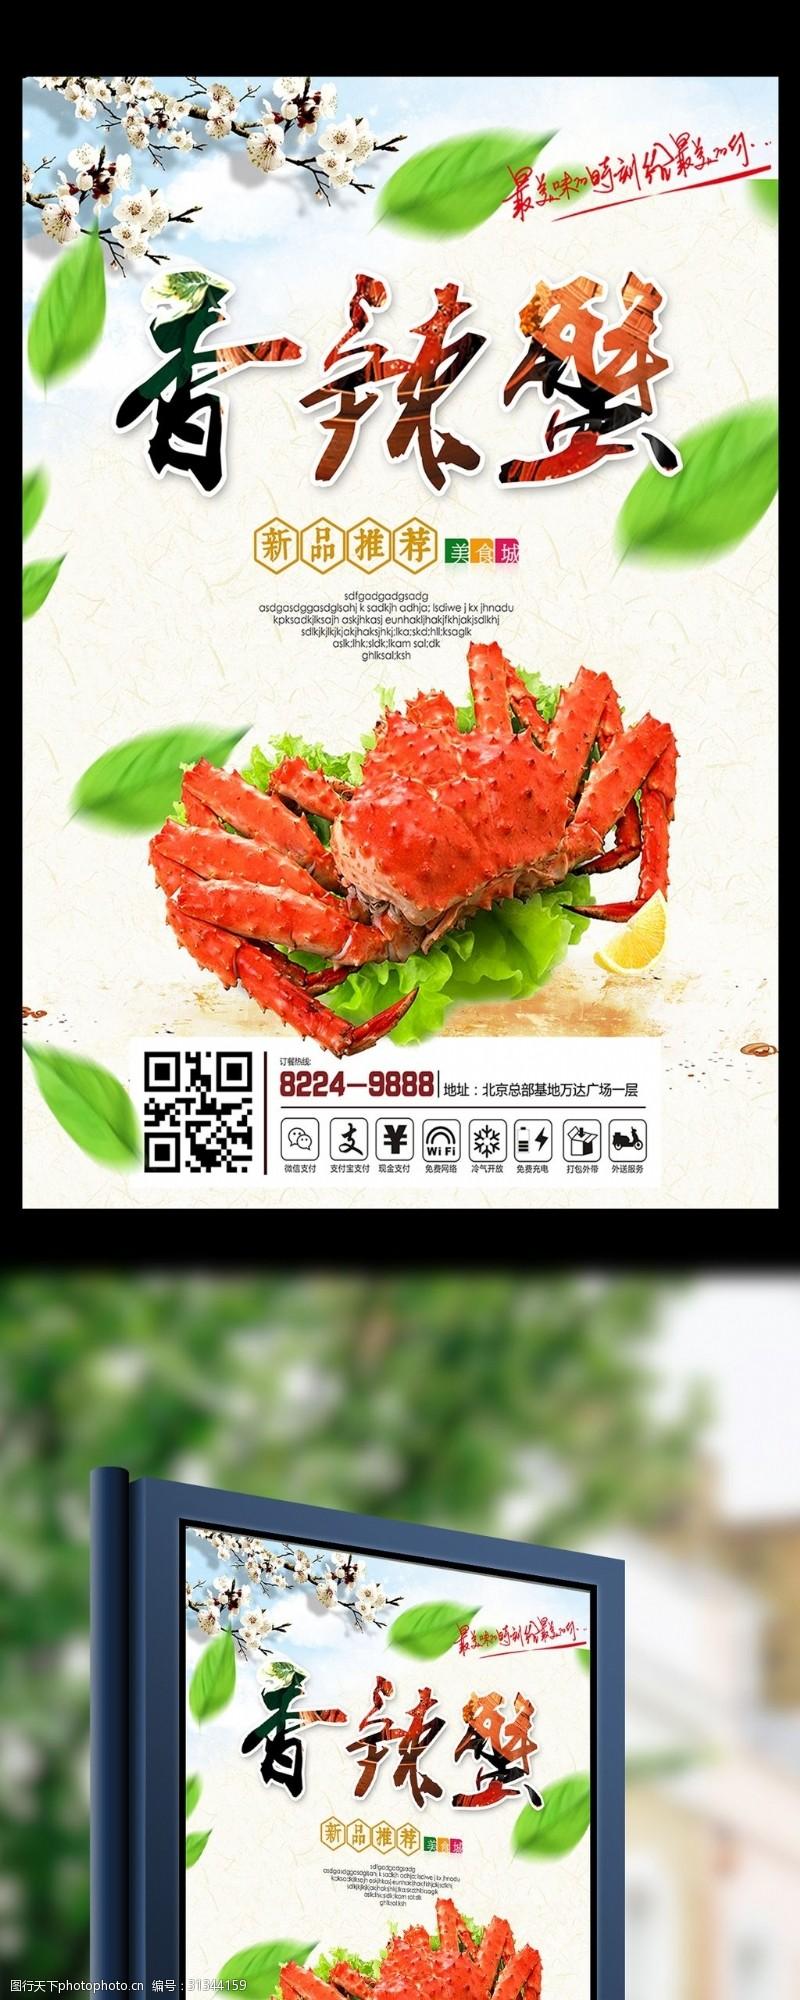 簡約唯美時尚清晰香辣蟹海報宣傳設計